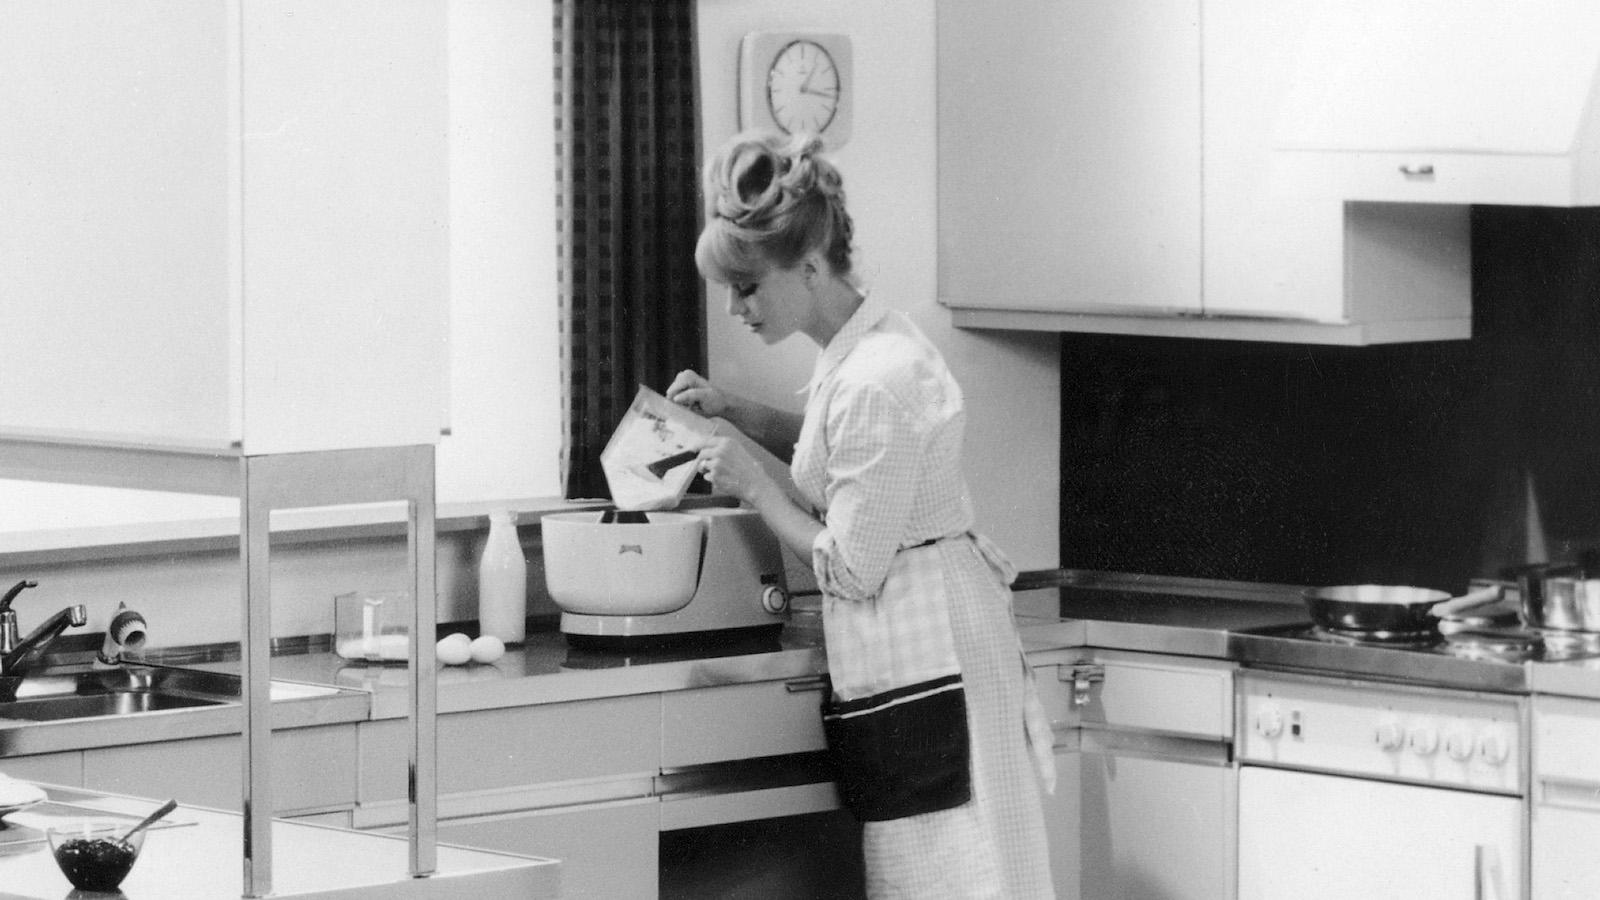 Frau in einer Einbaukche von Poggenpohl  1966  AP Frei-fr-Deutschland-™sterreich-Osteuropa. Gesperrt-fr-politische-Werbung!